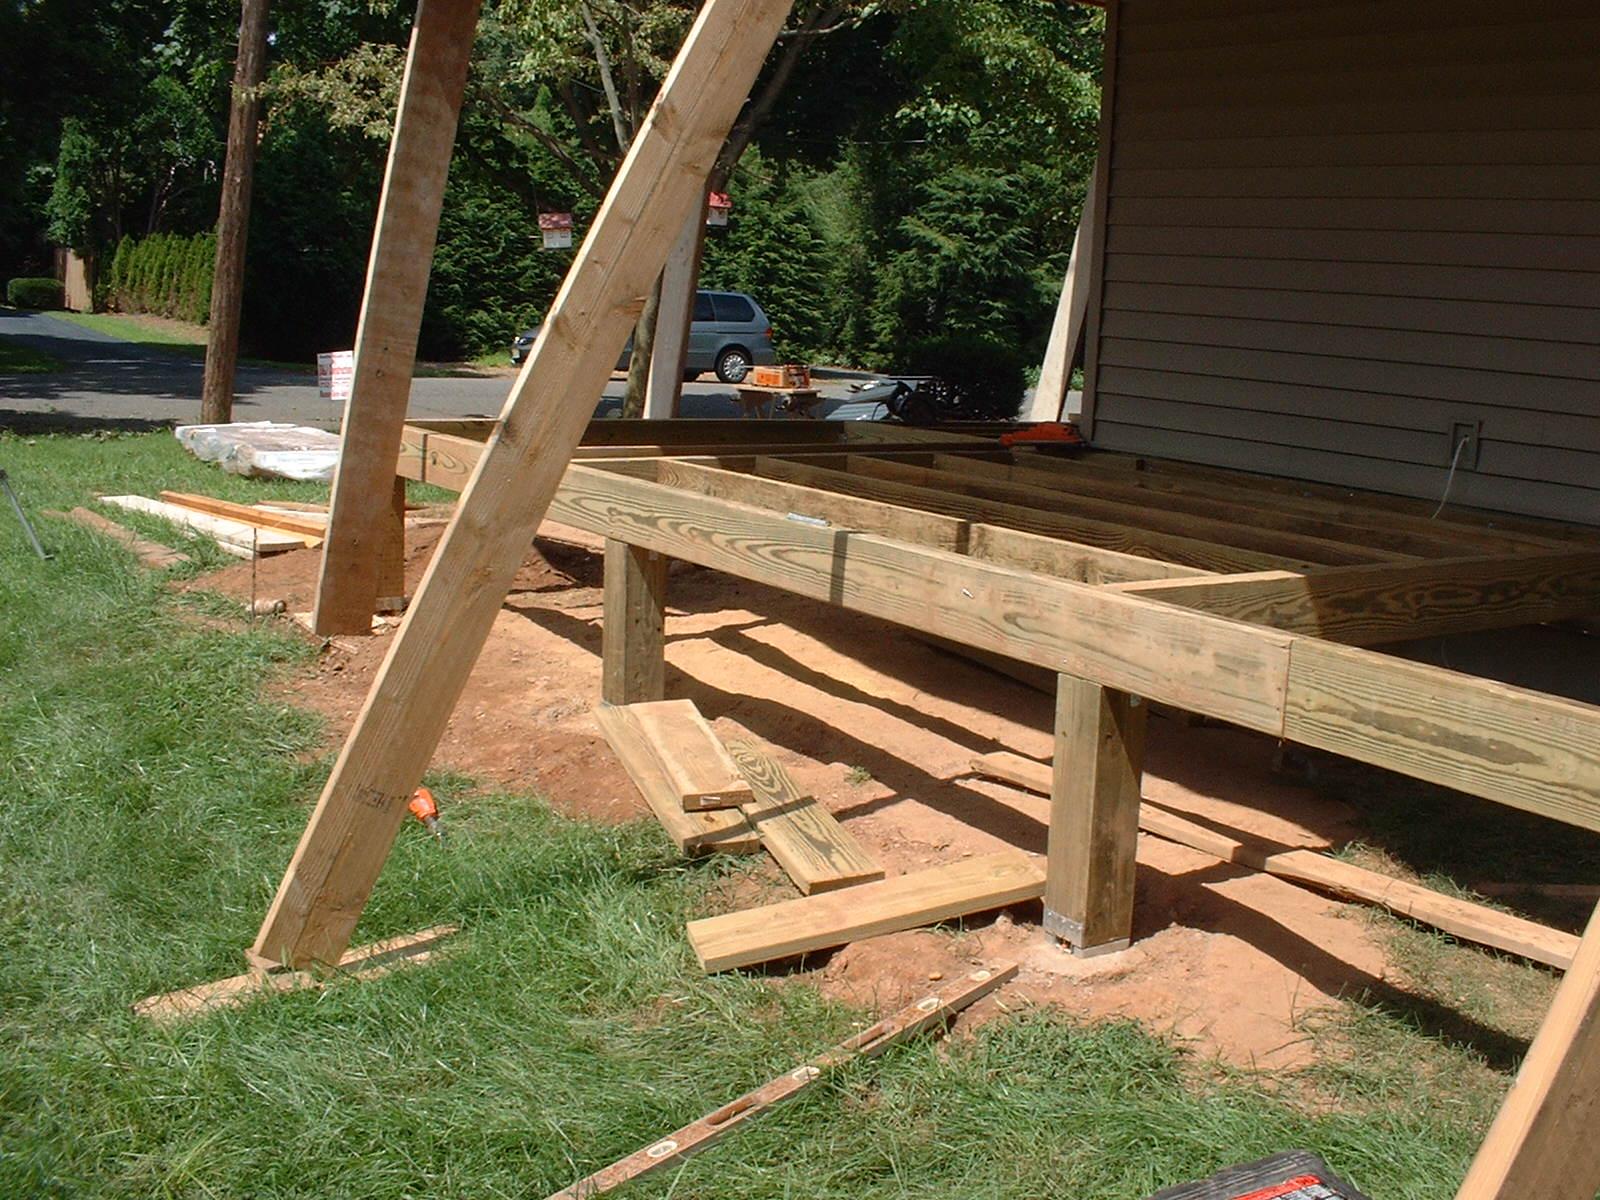 Wrap Around Deck Construction : Wrap around porch